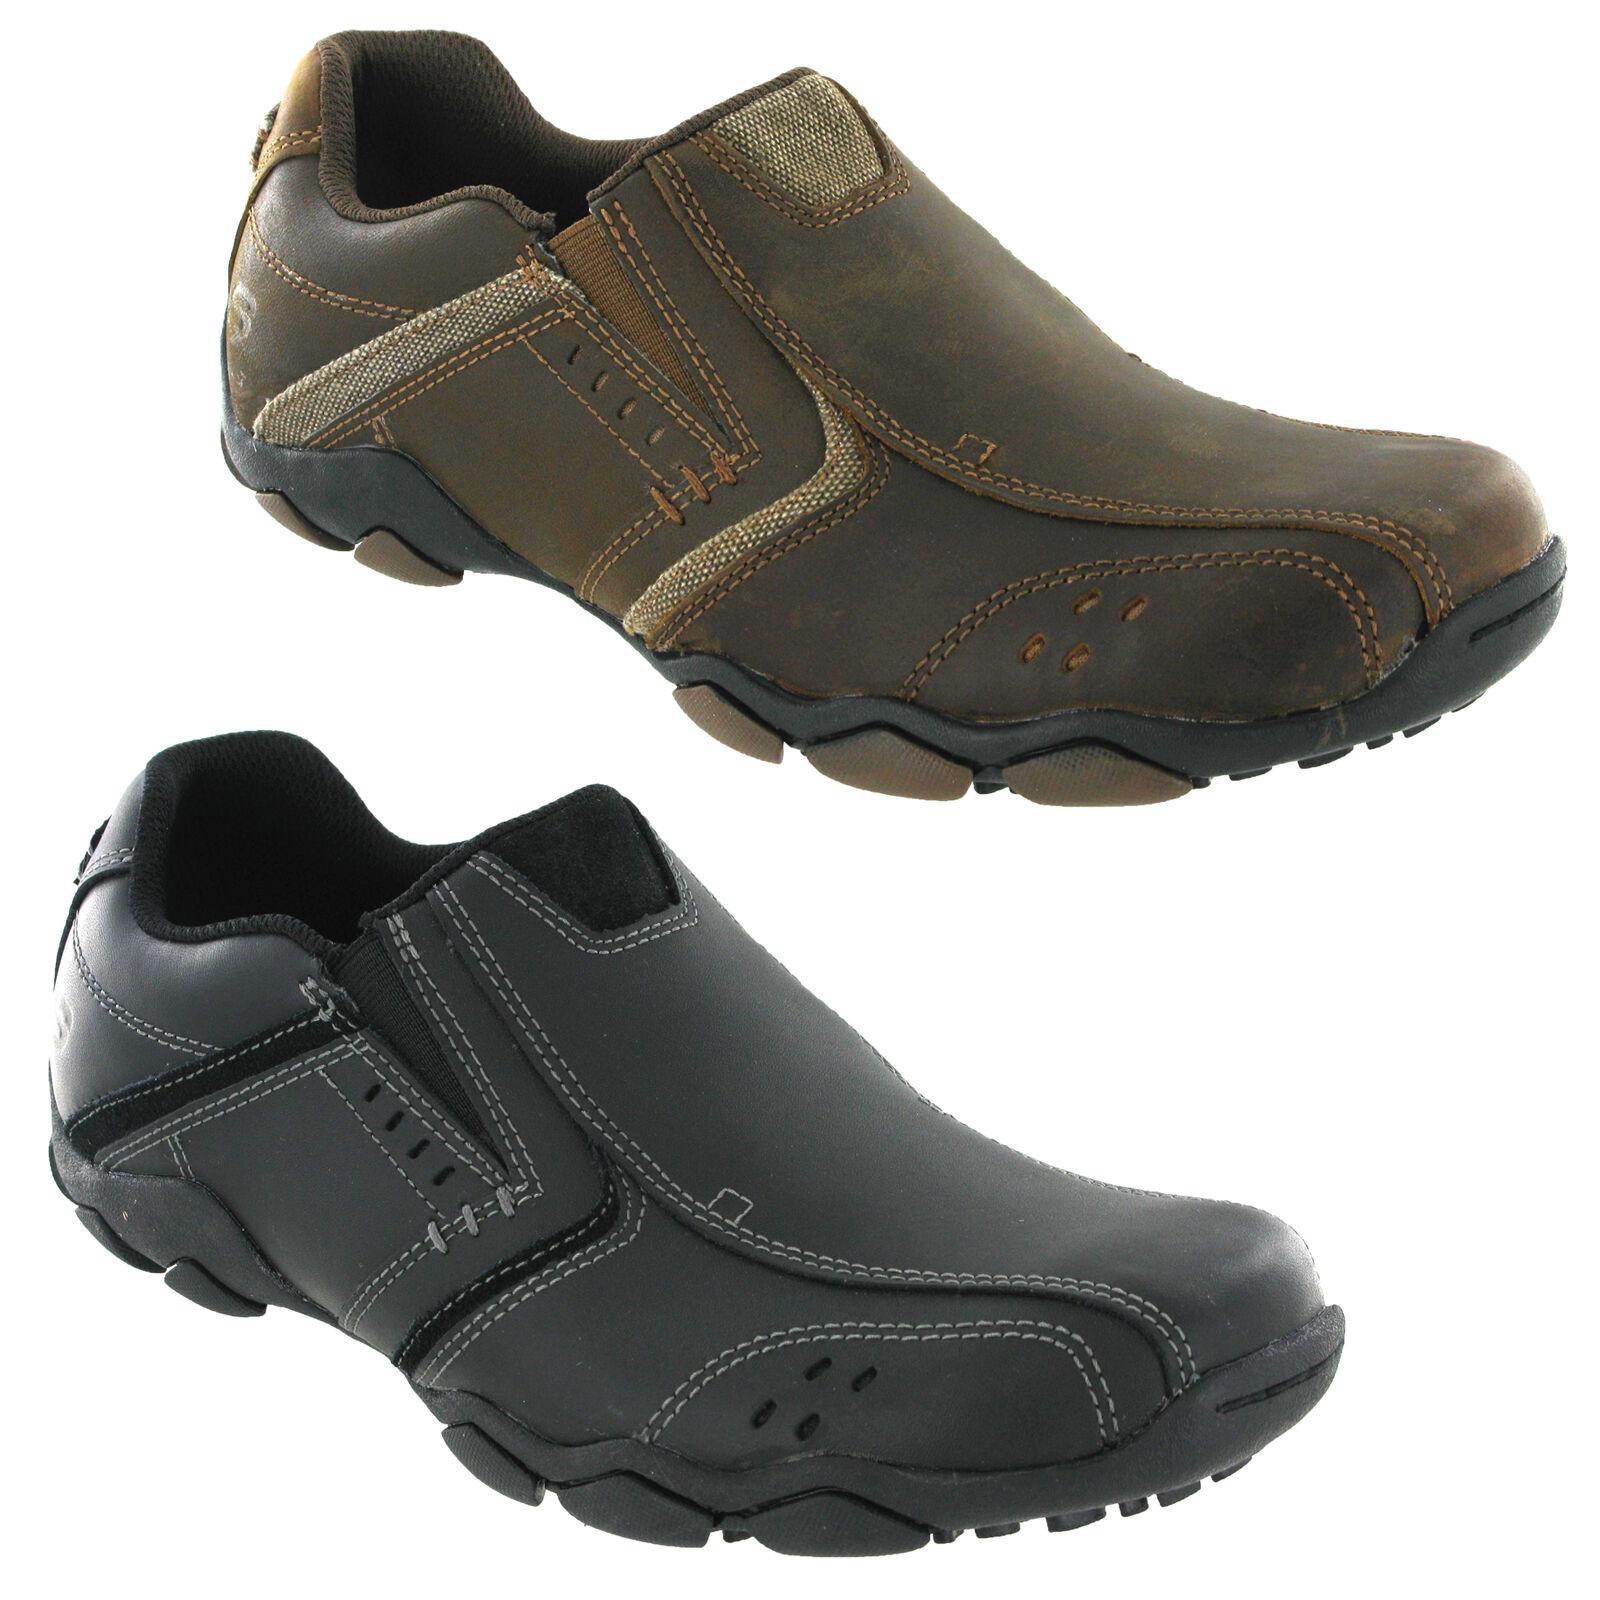 Skechers Diametro Valen Sneaker Uomo Vintage Classico MEMORY FOAM Mocassini Scarpe Scarpe classiche da uomo